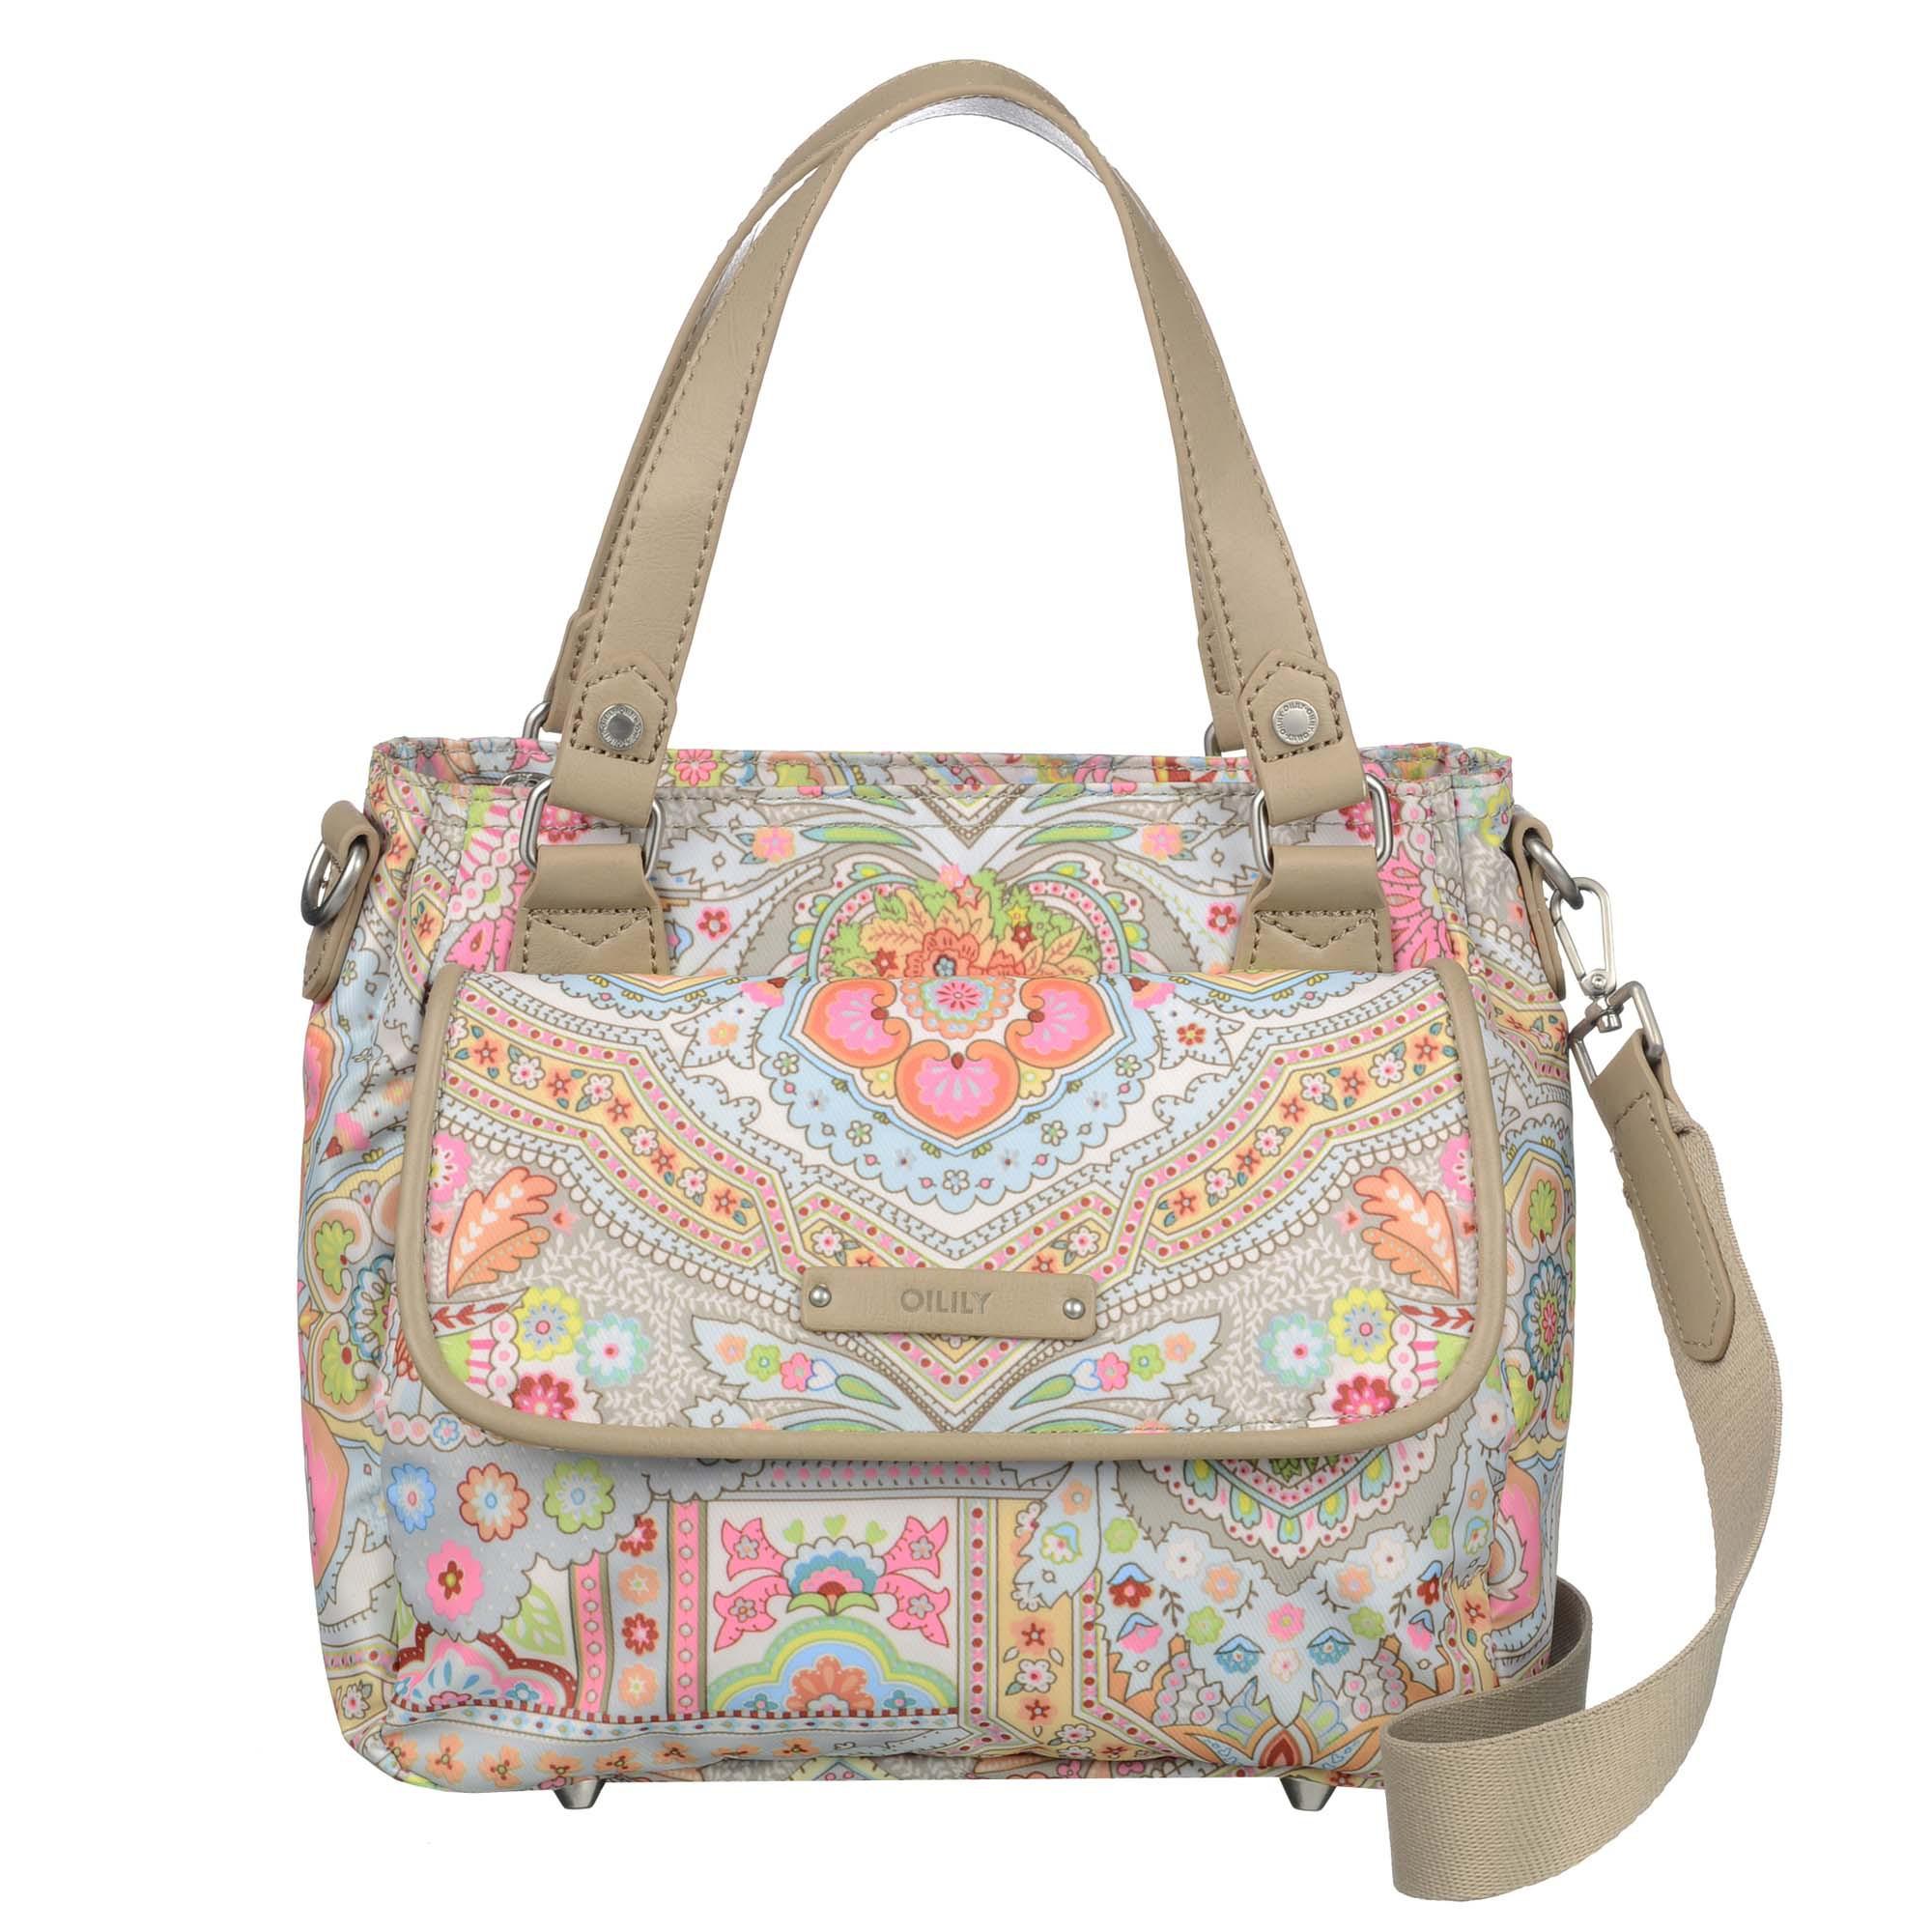 Oilily Handbag S (Small) Handbag Spring Ovation in 6 colors